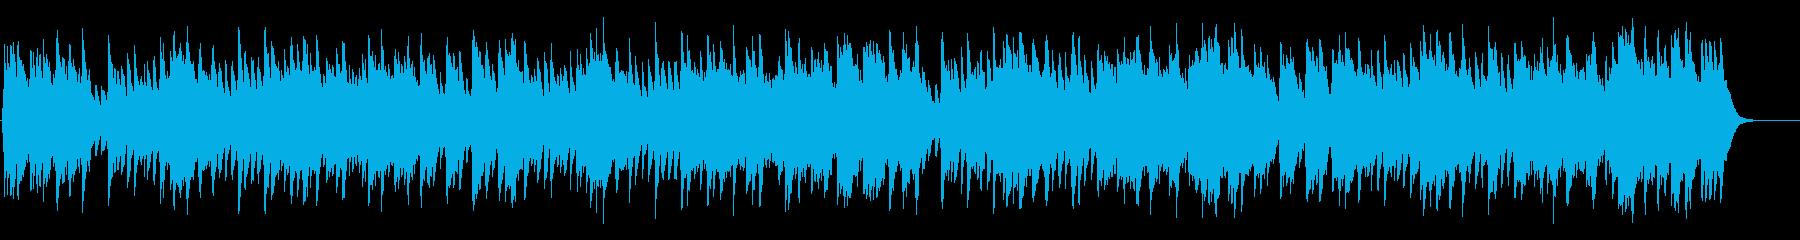 池の鯉の再生済みの波形